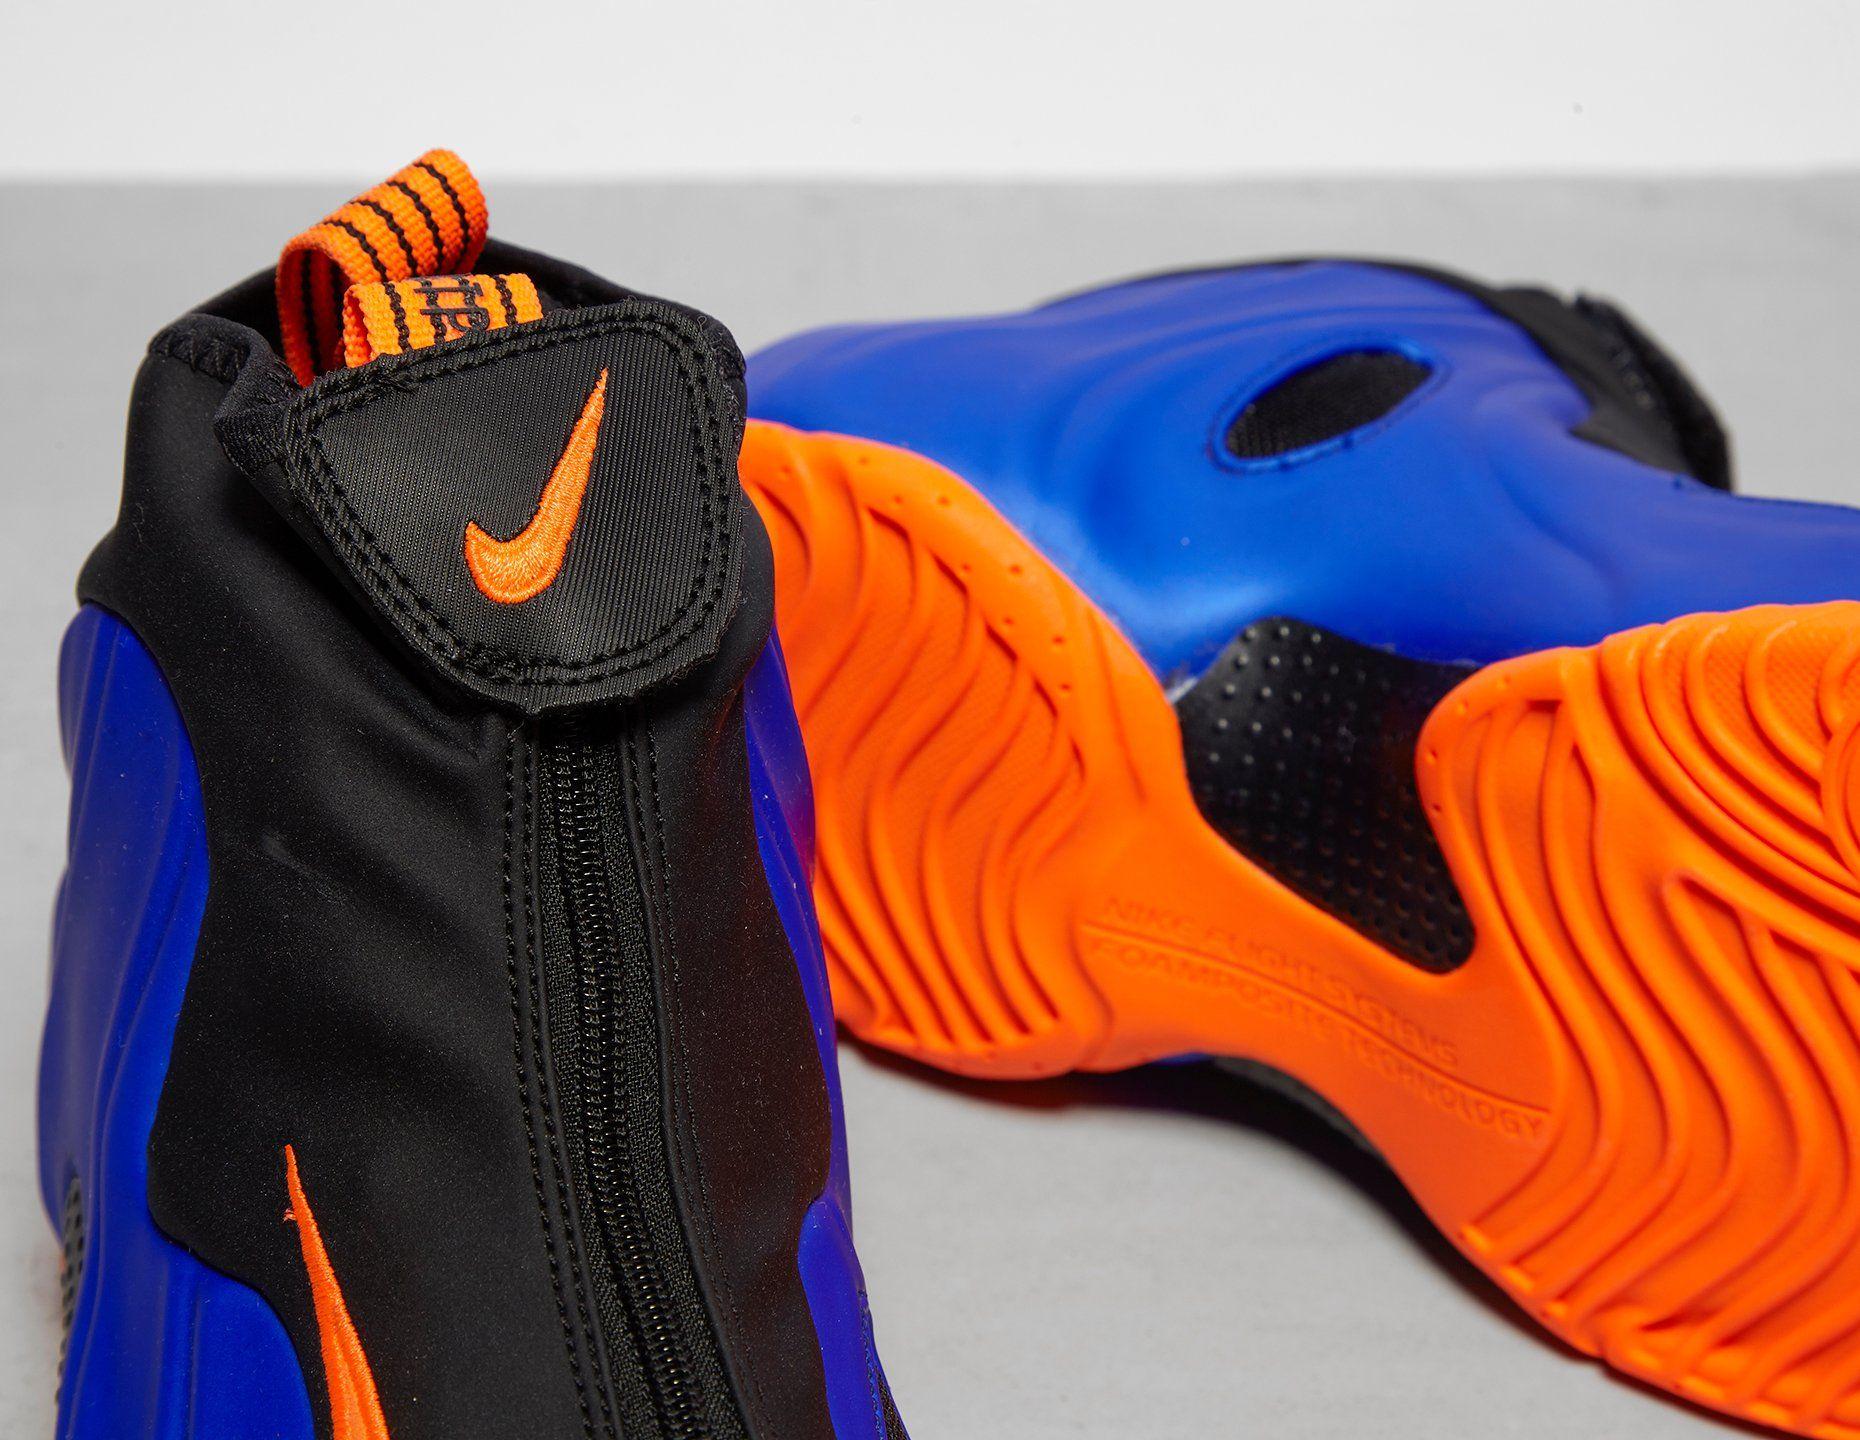 Nike Air Flightposite